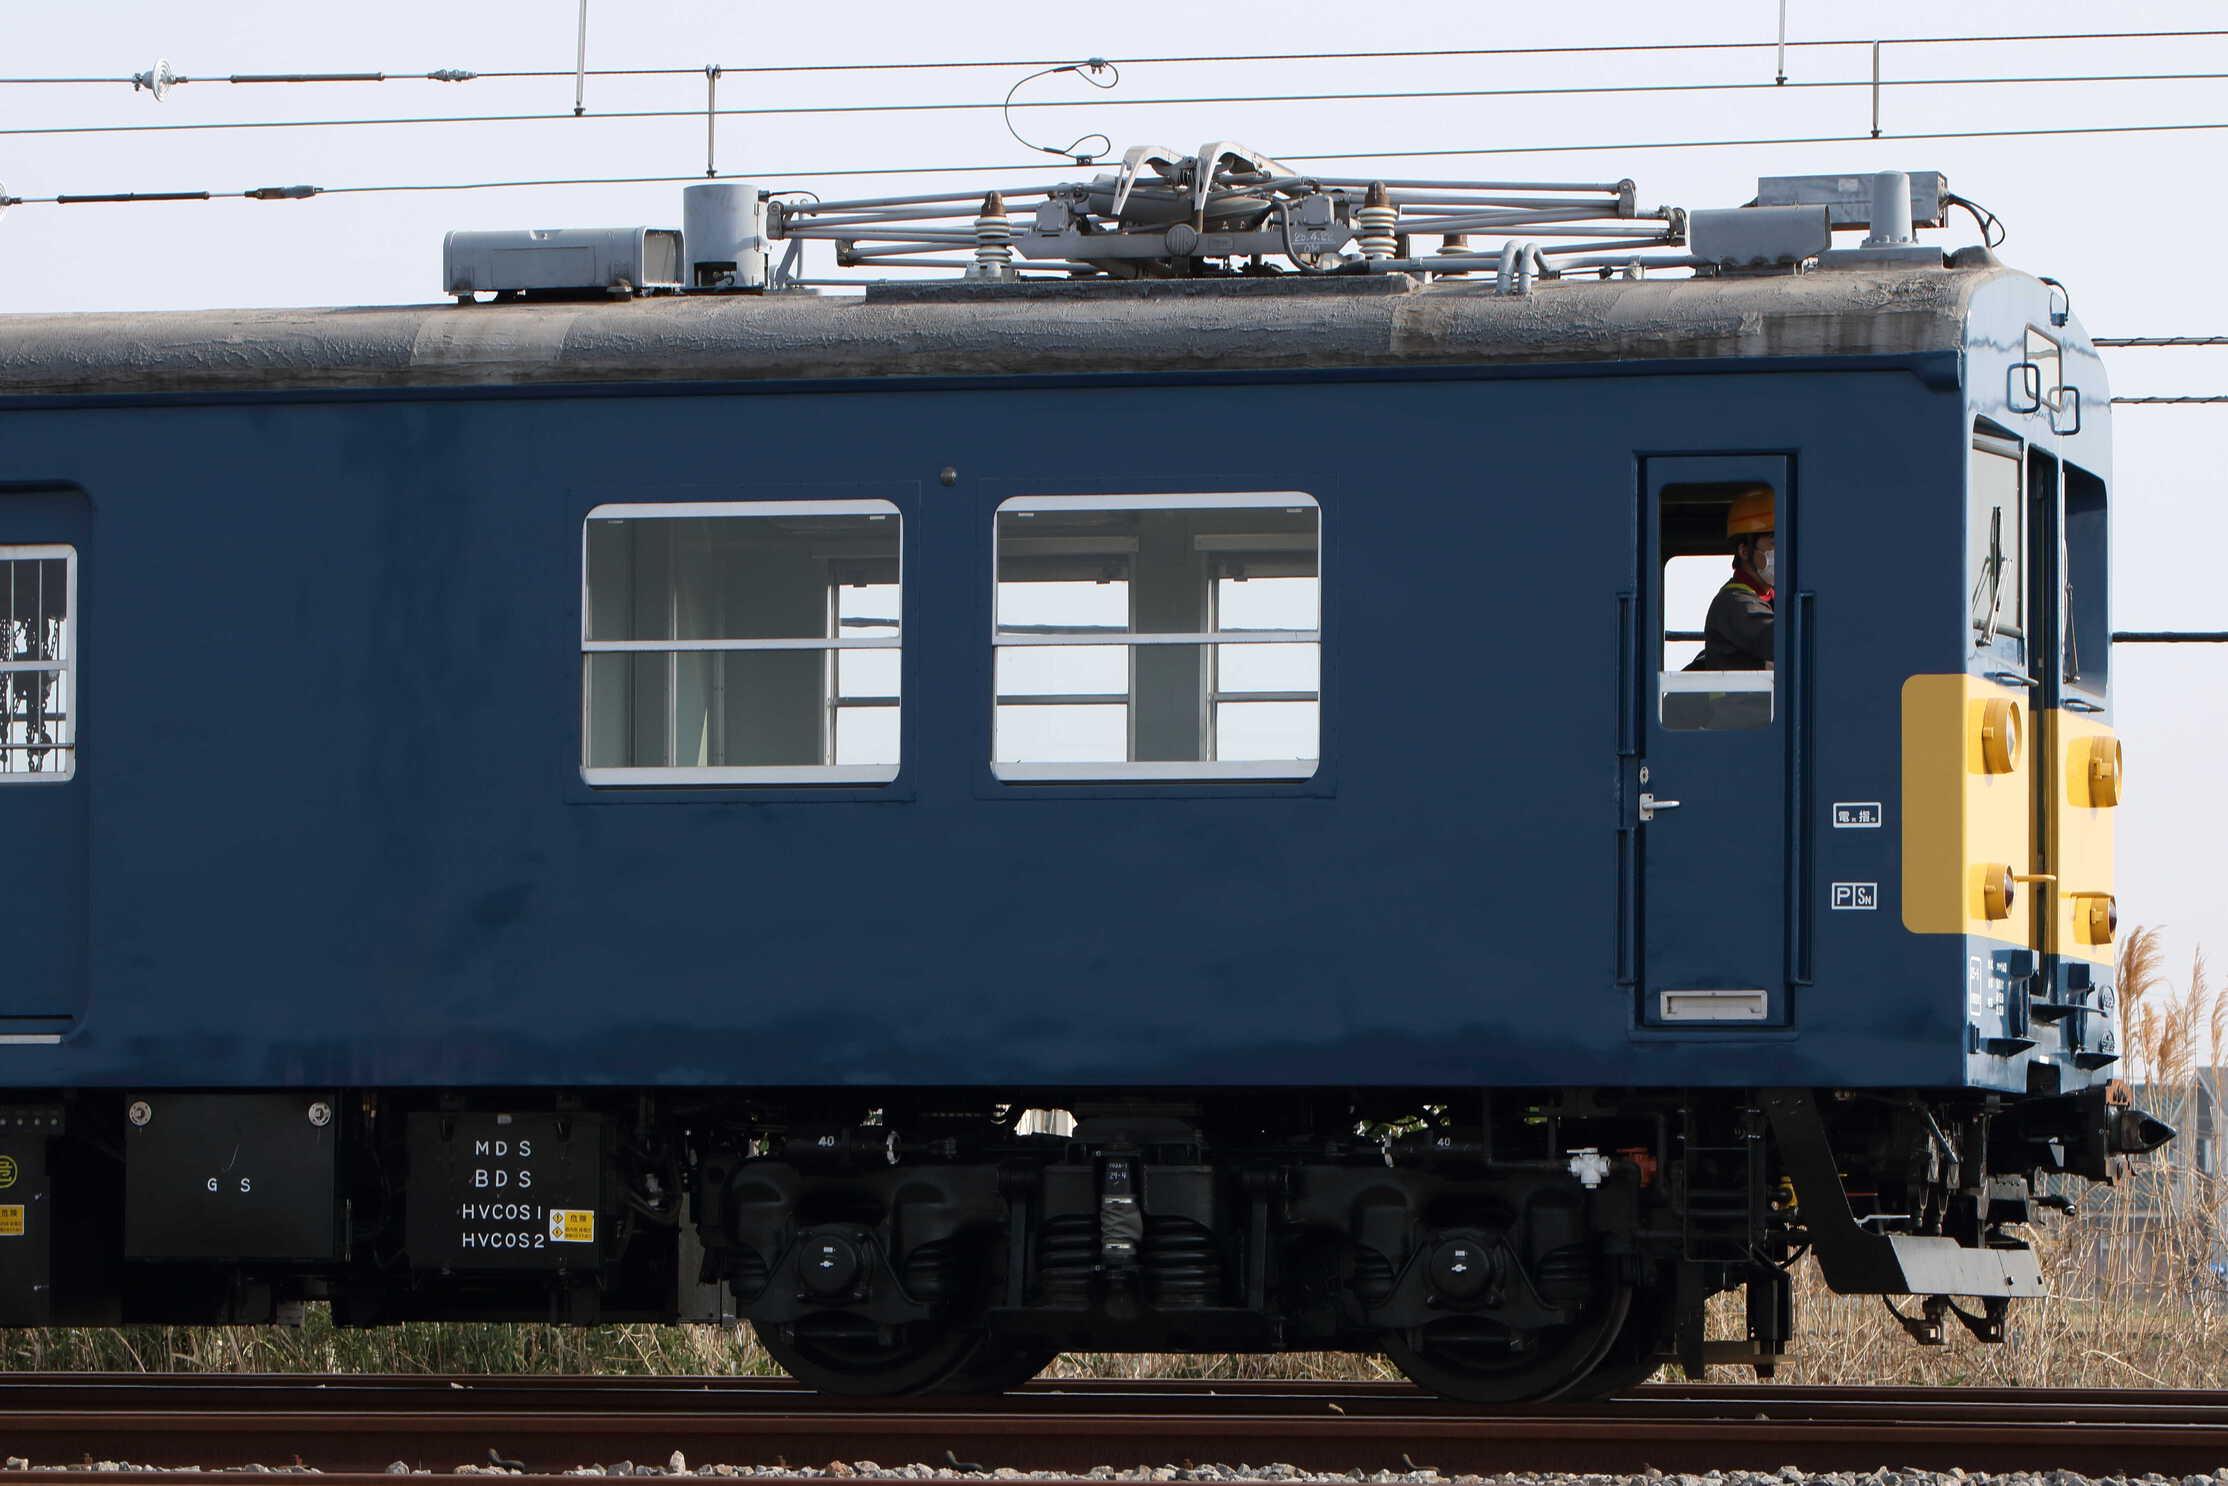 川越車セ構内入換(2番→着発3→29番2区) クモヤ143-11